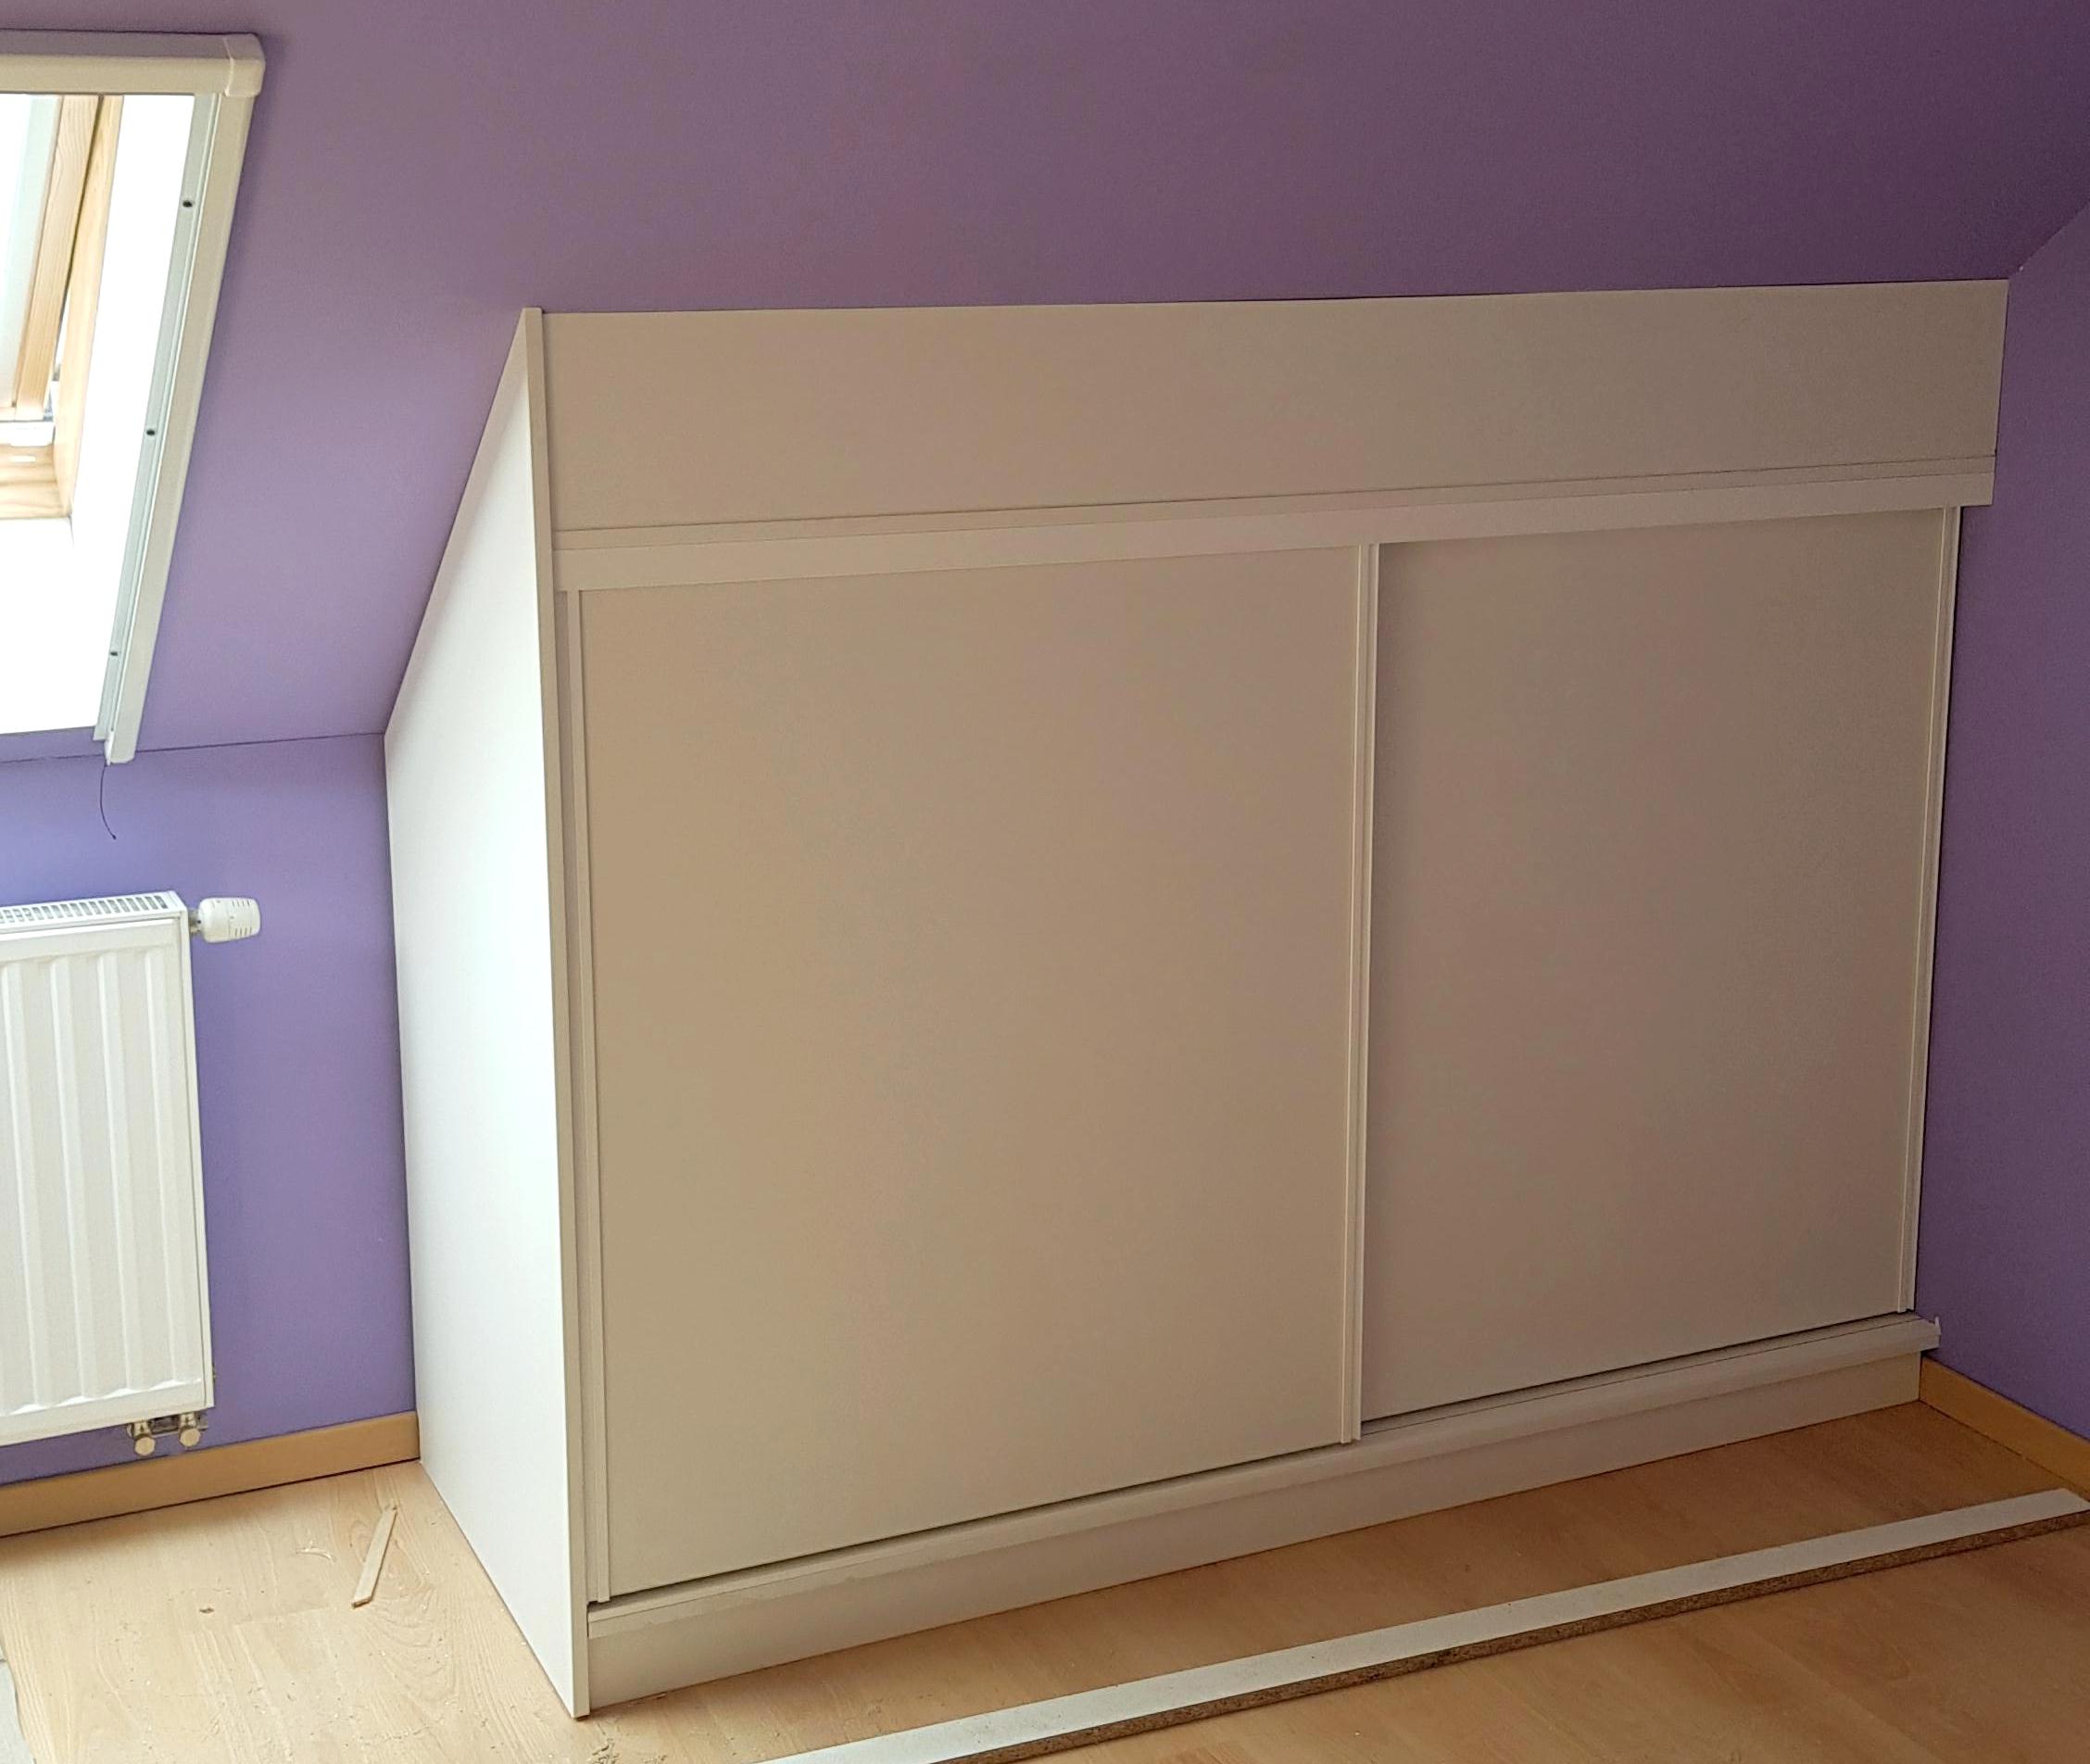 Meuble sous pente chambre enfant aménagement grenier Andenne portes coulissantes